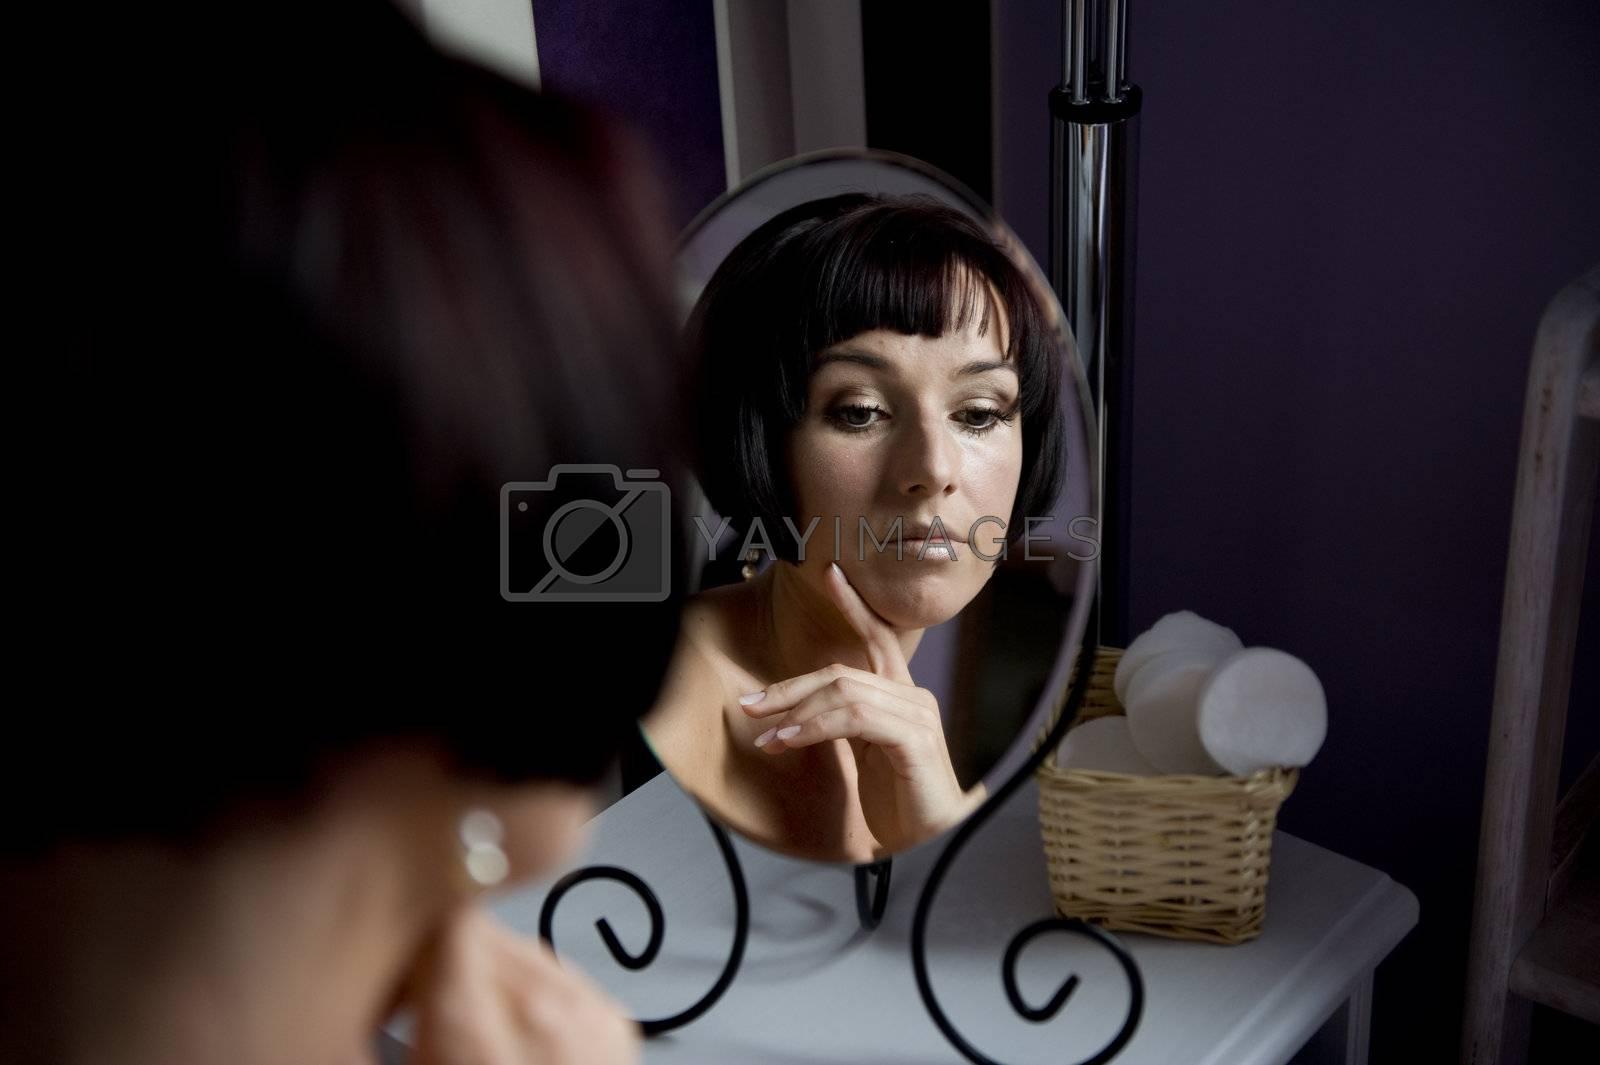 beautifull woman in the mirror,